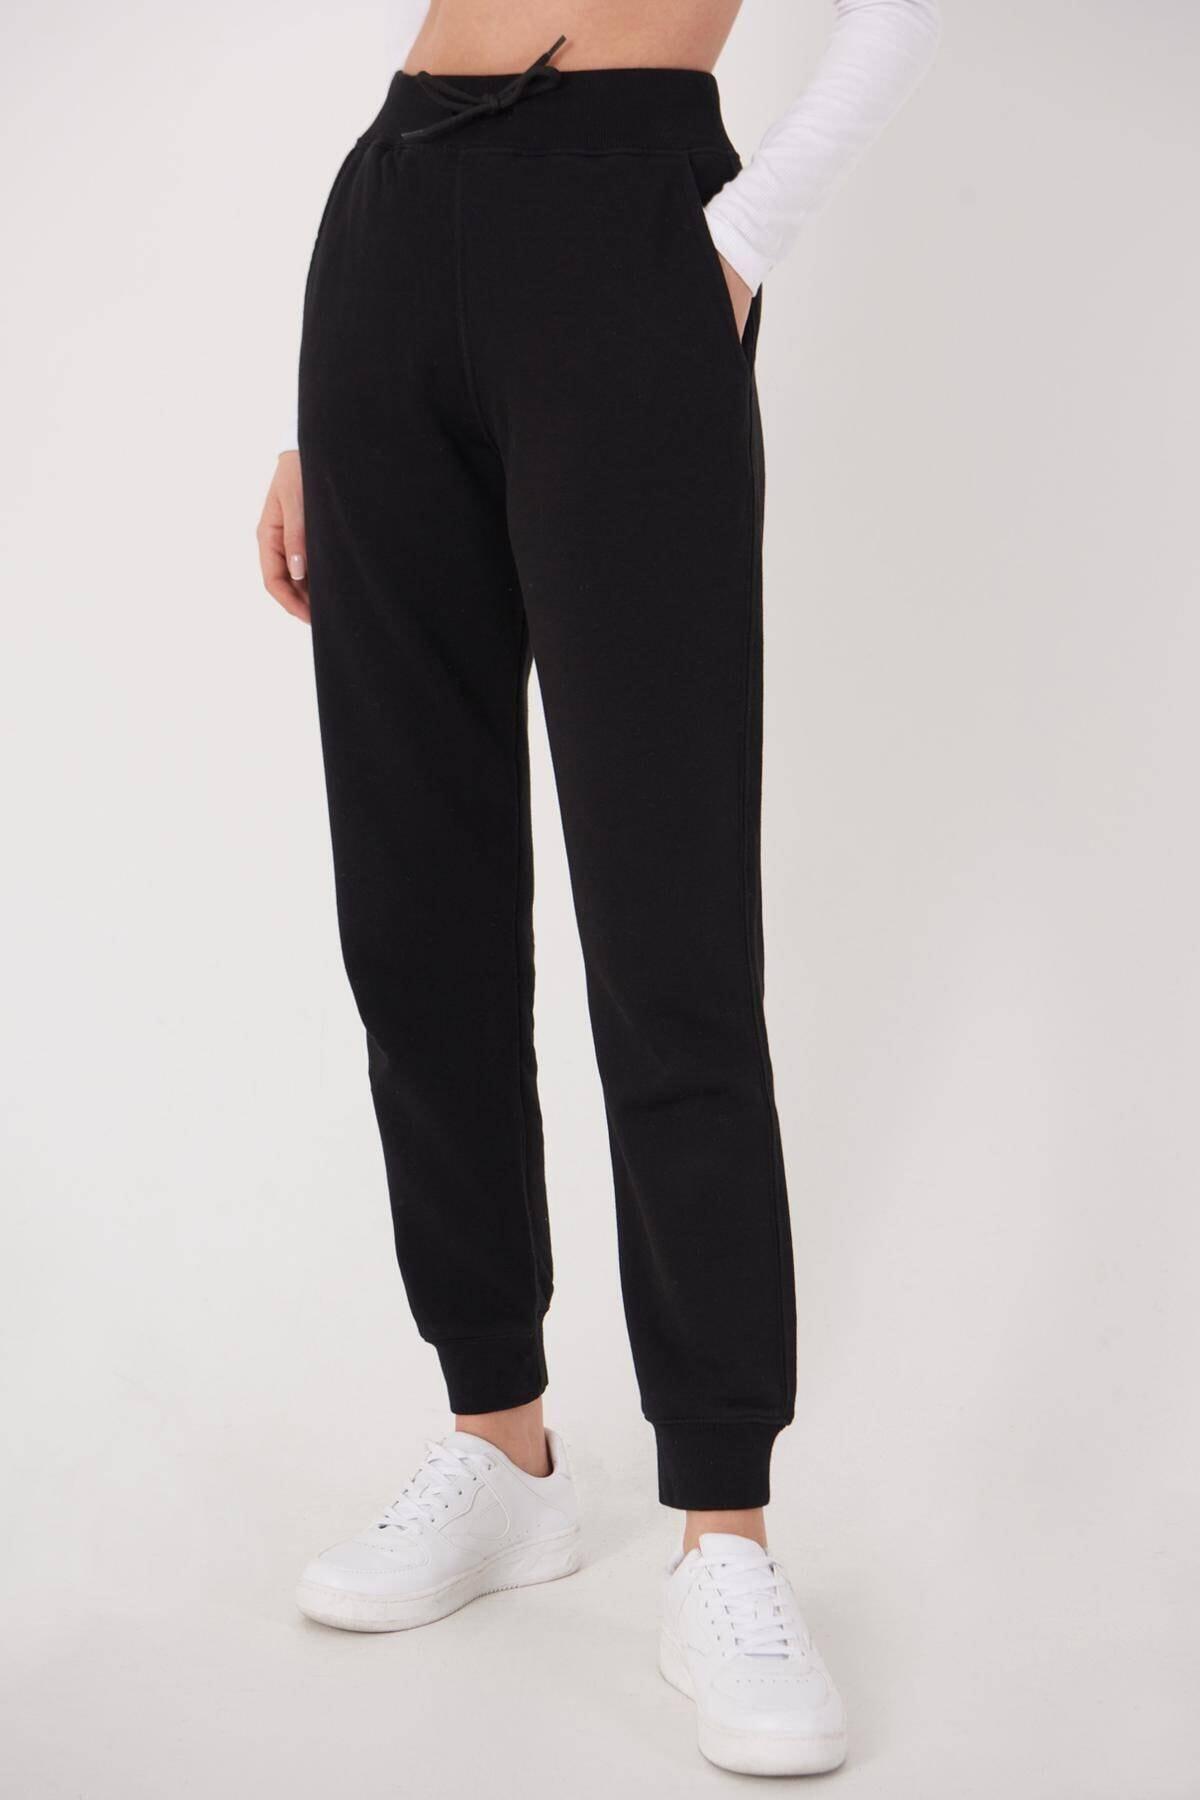 Addax Kadın Siyah Cep Detaylı Eşofman Eşf1040 - H10 Adx-0000022795 2